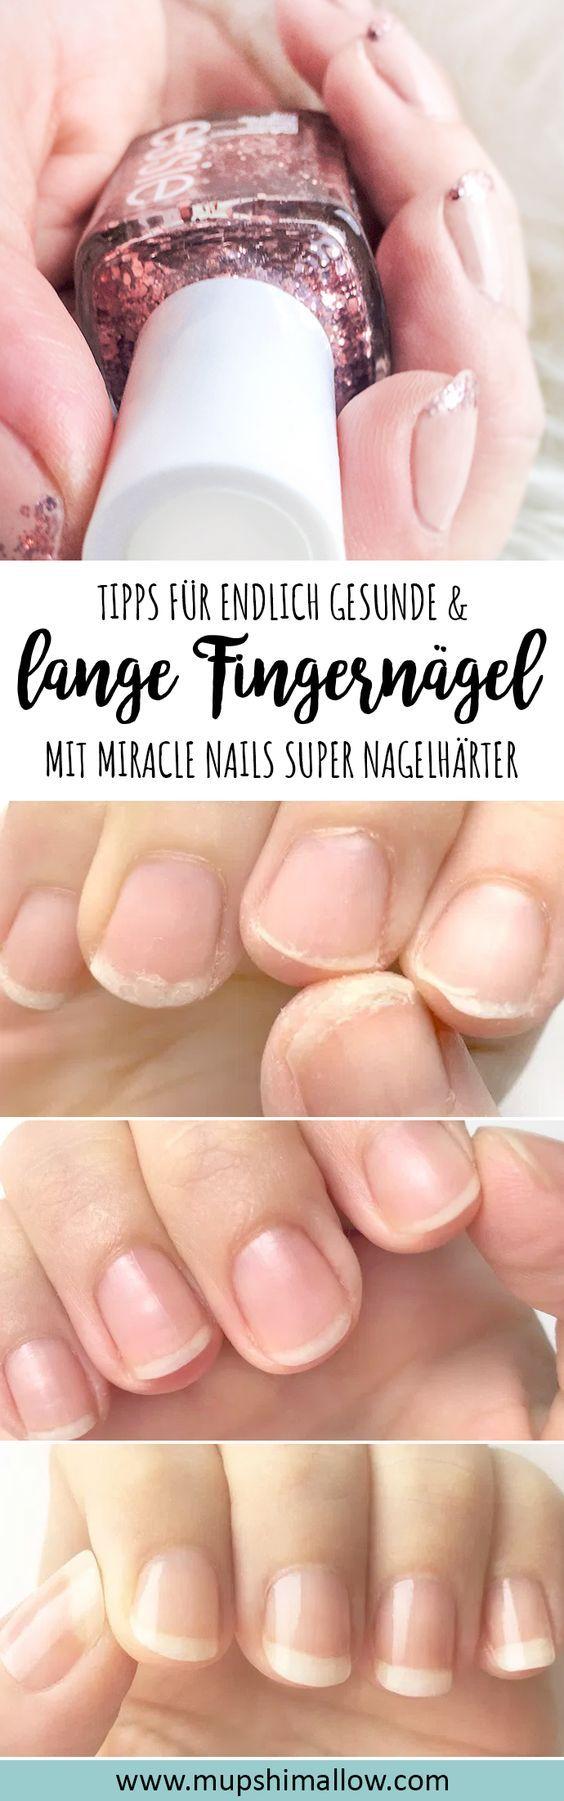 endlich lange und gesunde fingern gel miracle nails super nagelh rter beauty pinterest. Black Bedroom Furniture Sets. Home Design Ideas